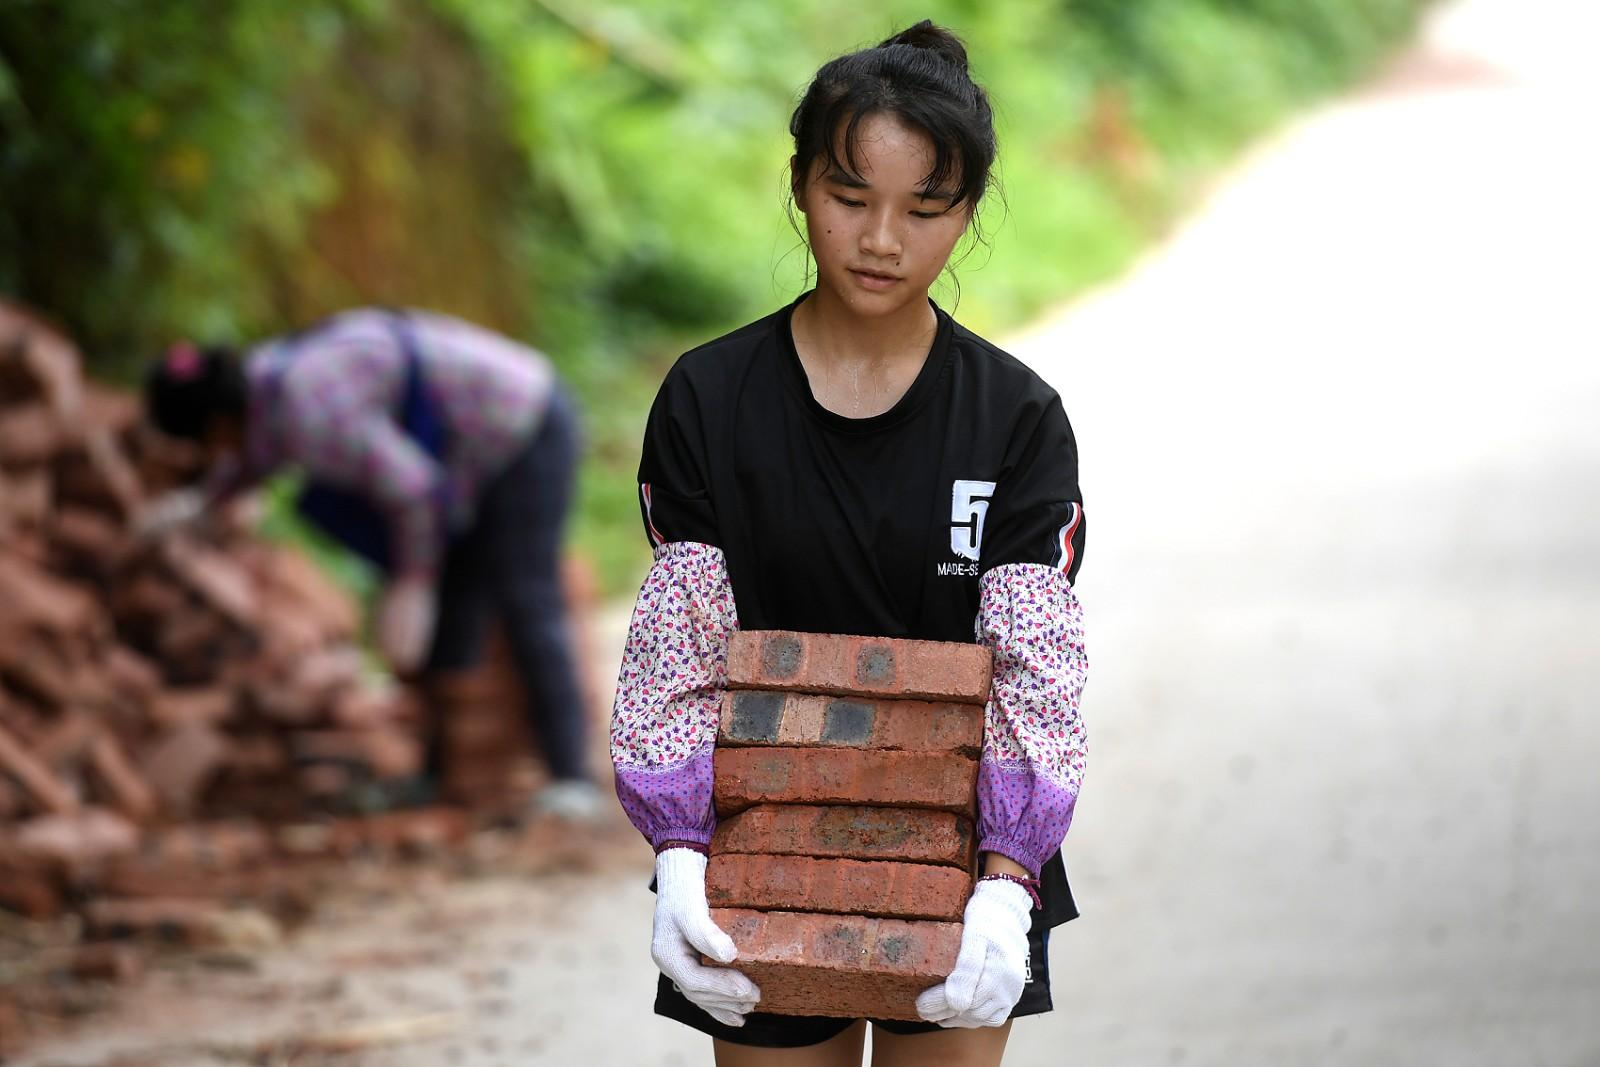 父早逝,15岁女孩帮妈妈建房体会生活不易